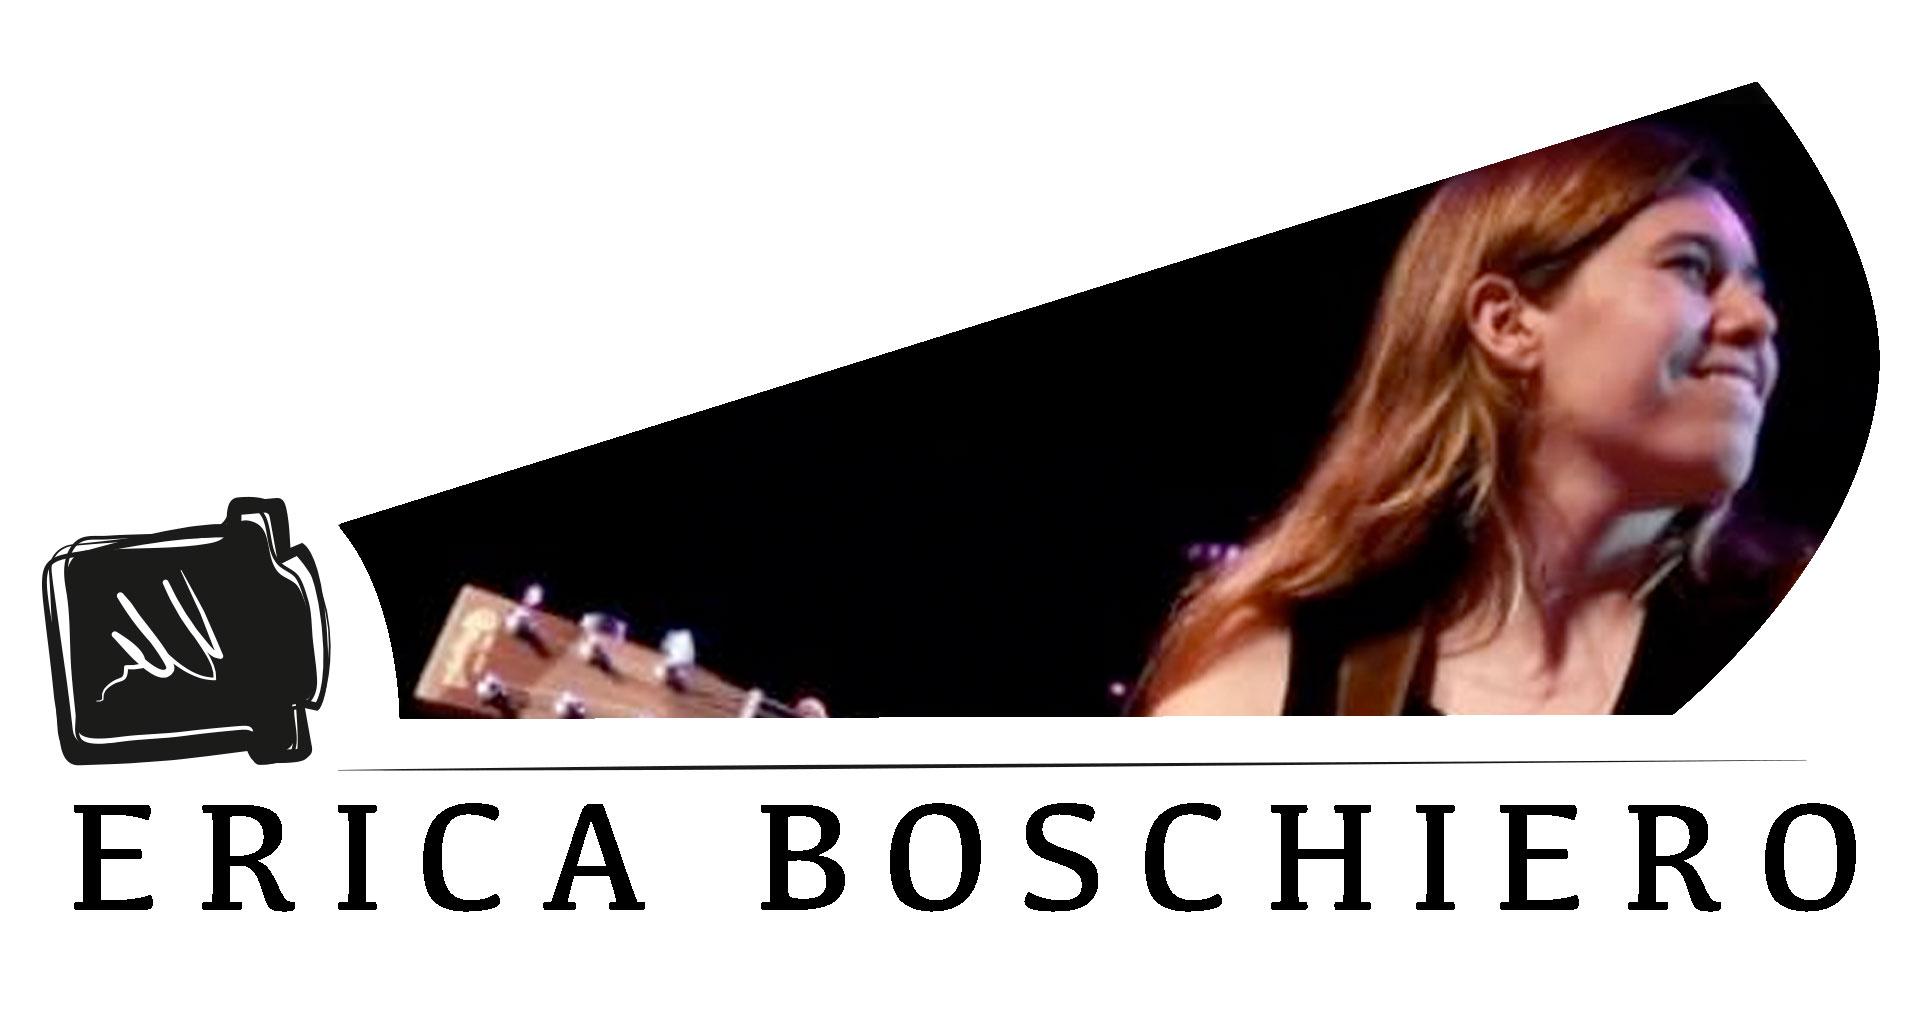 Boschiero